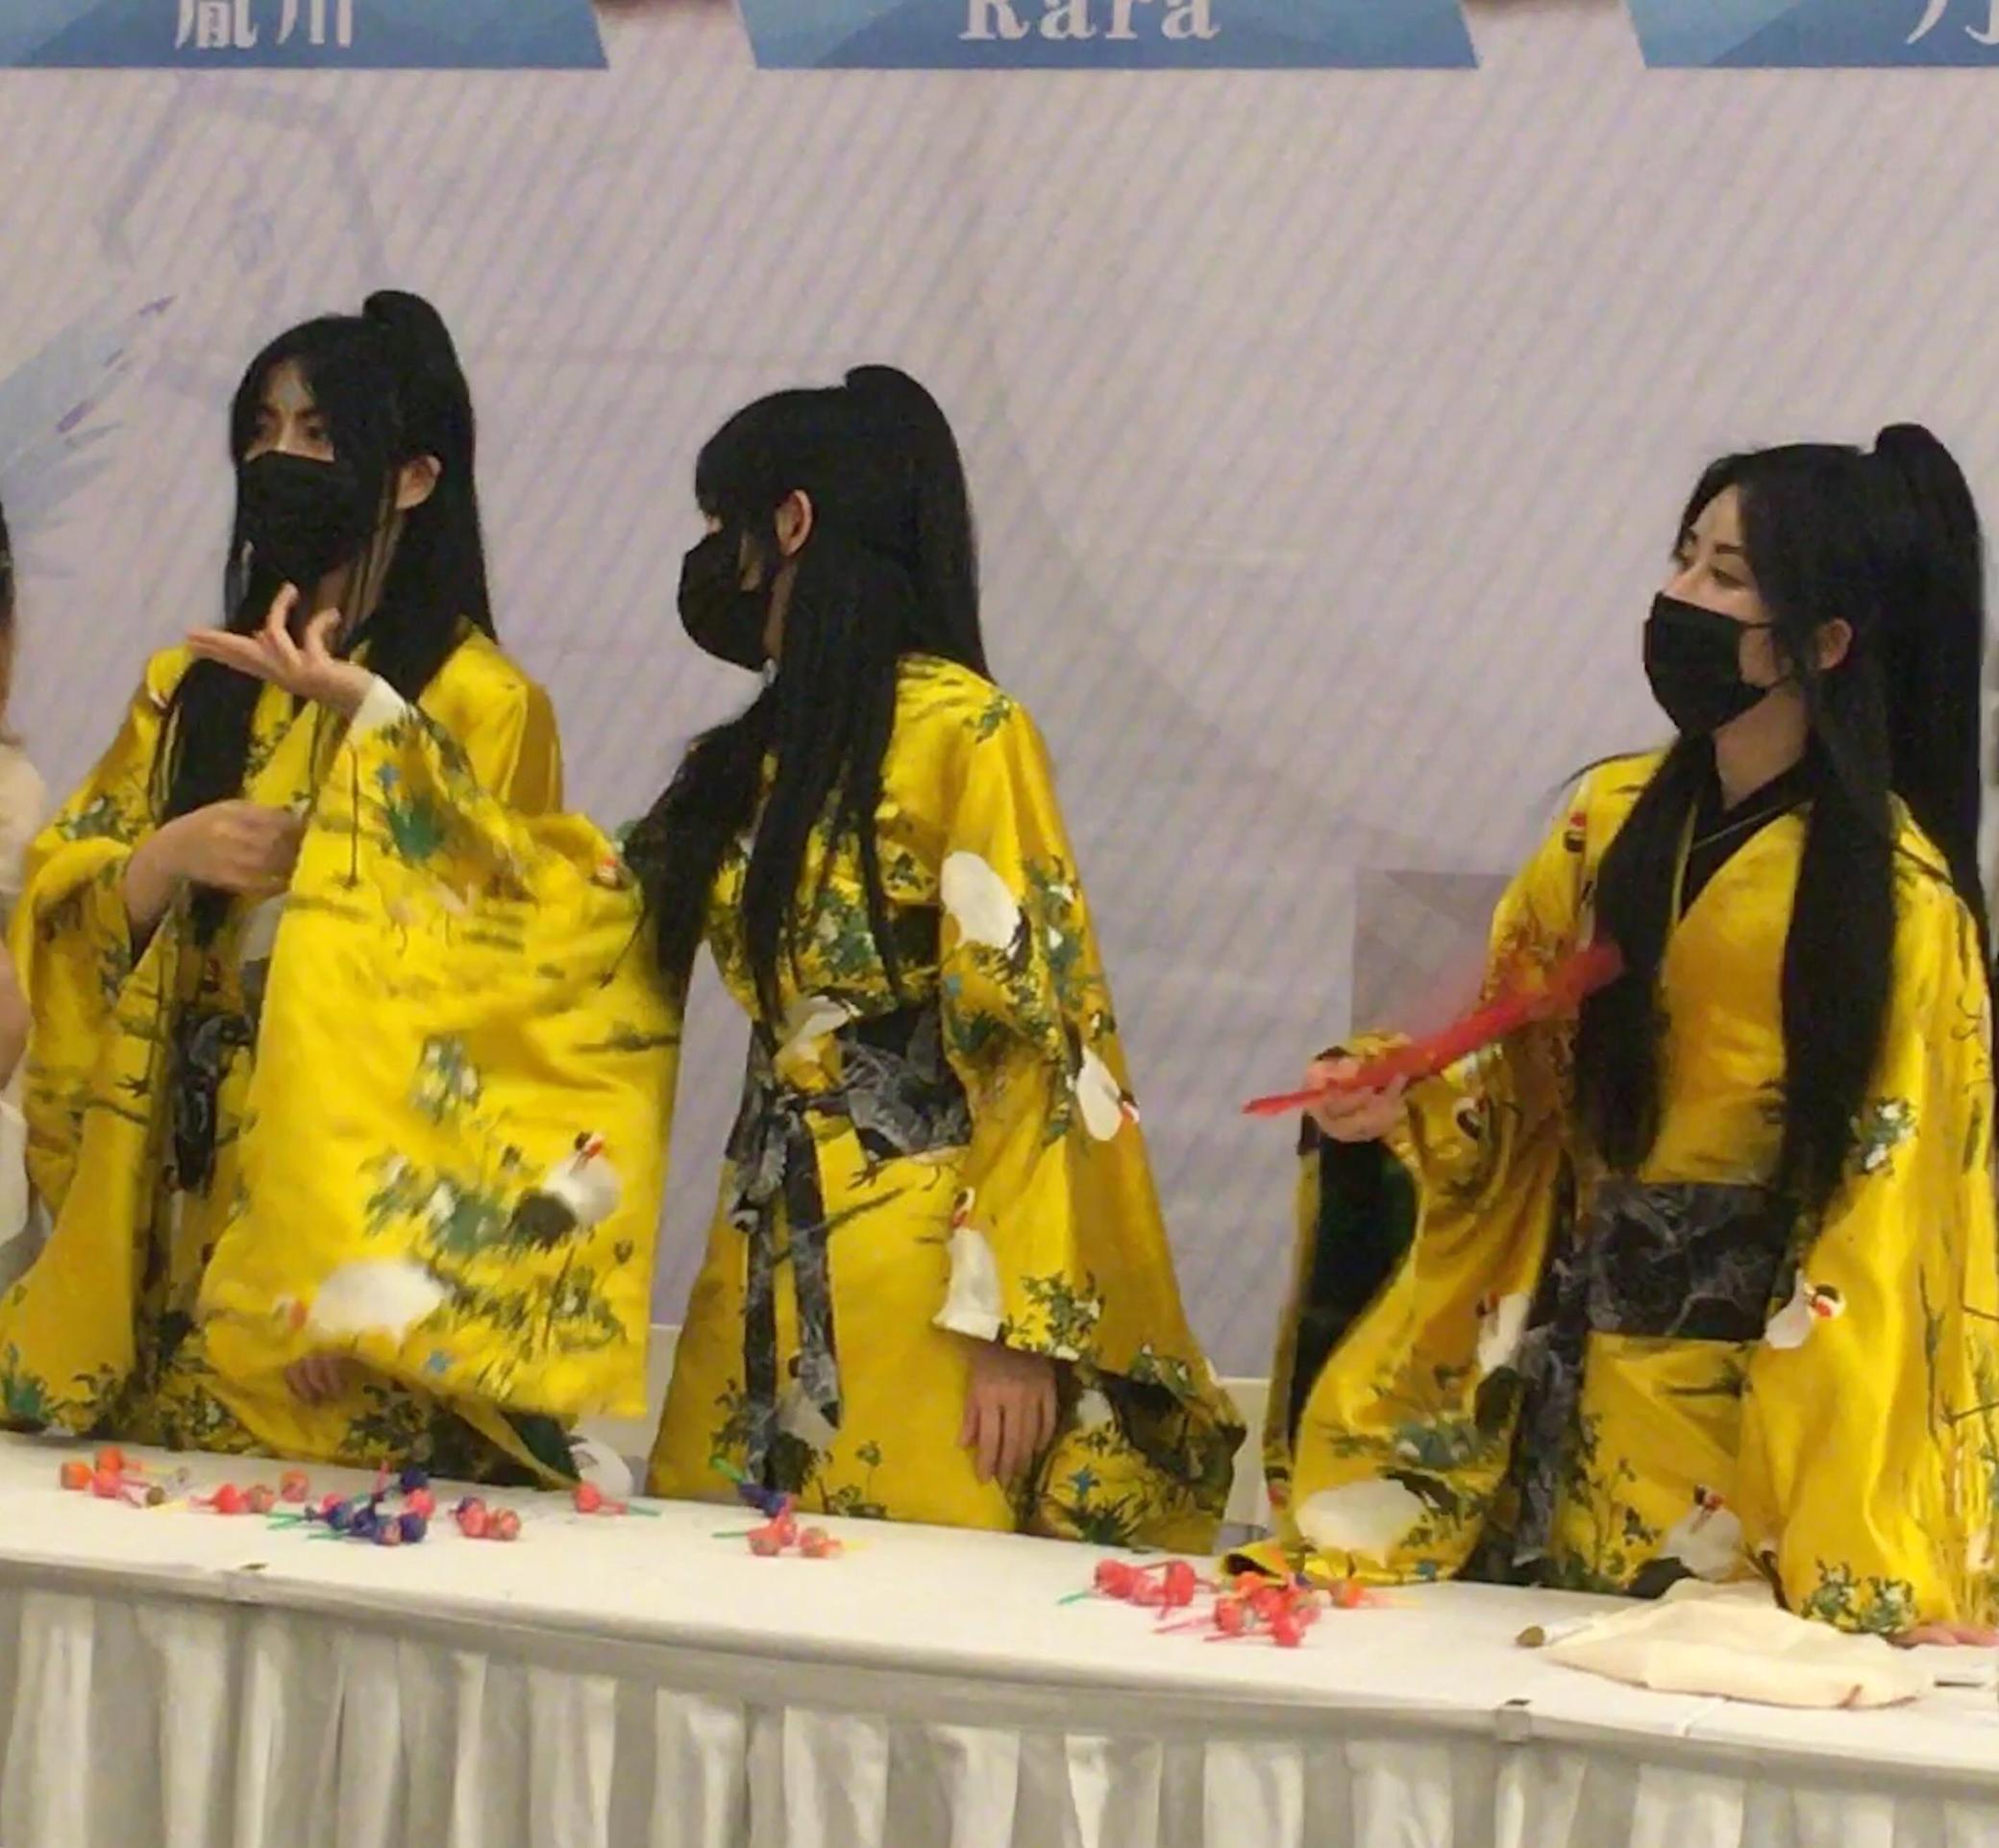 漫展cosplay【CN:小朋友是我的啊啊啊】-第1张